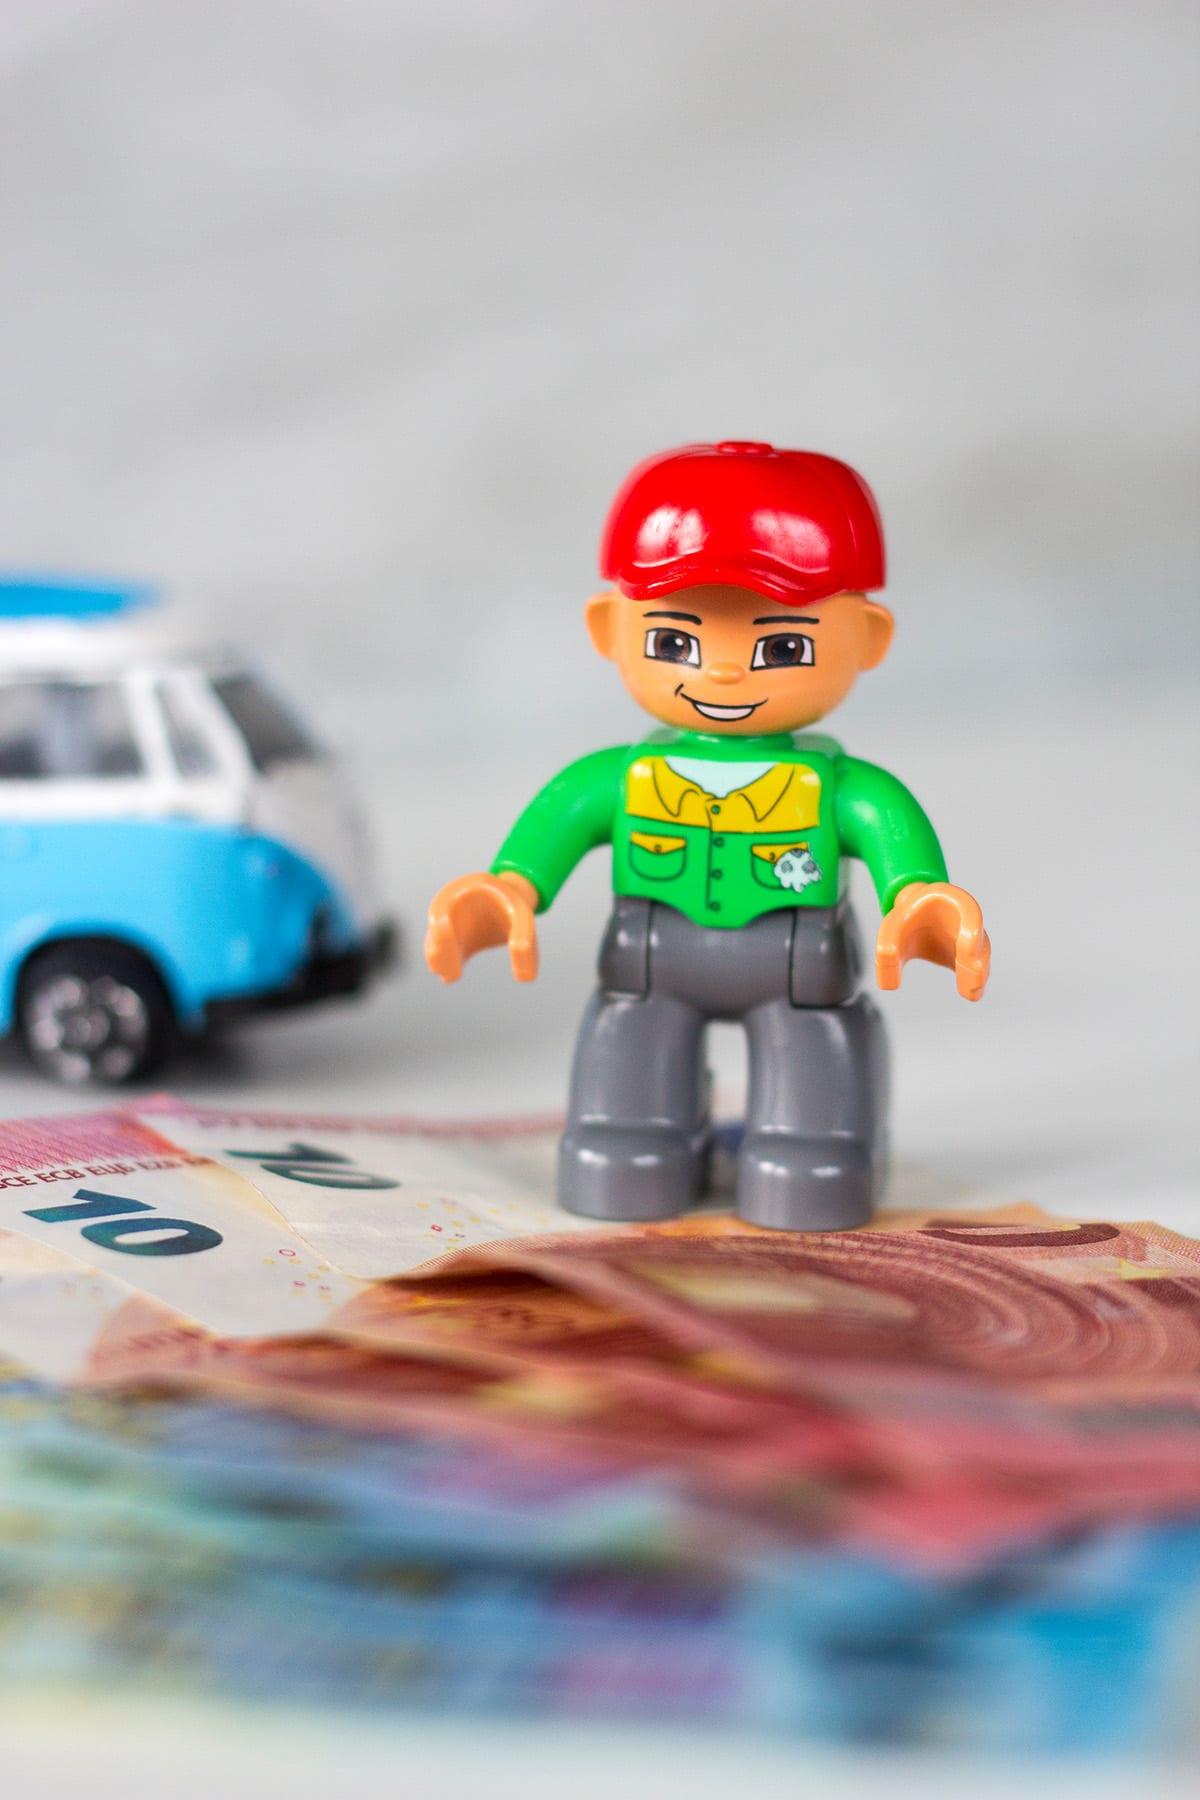 Ist es wichtig für mich, dass ich das angesparte Geld auch flexibel abrufen kann – oder will ich die Geldanlage erst zu einem bestimmten Alter des Kindes zur Verfügung haben?